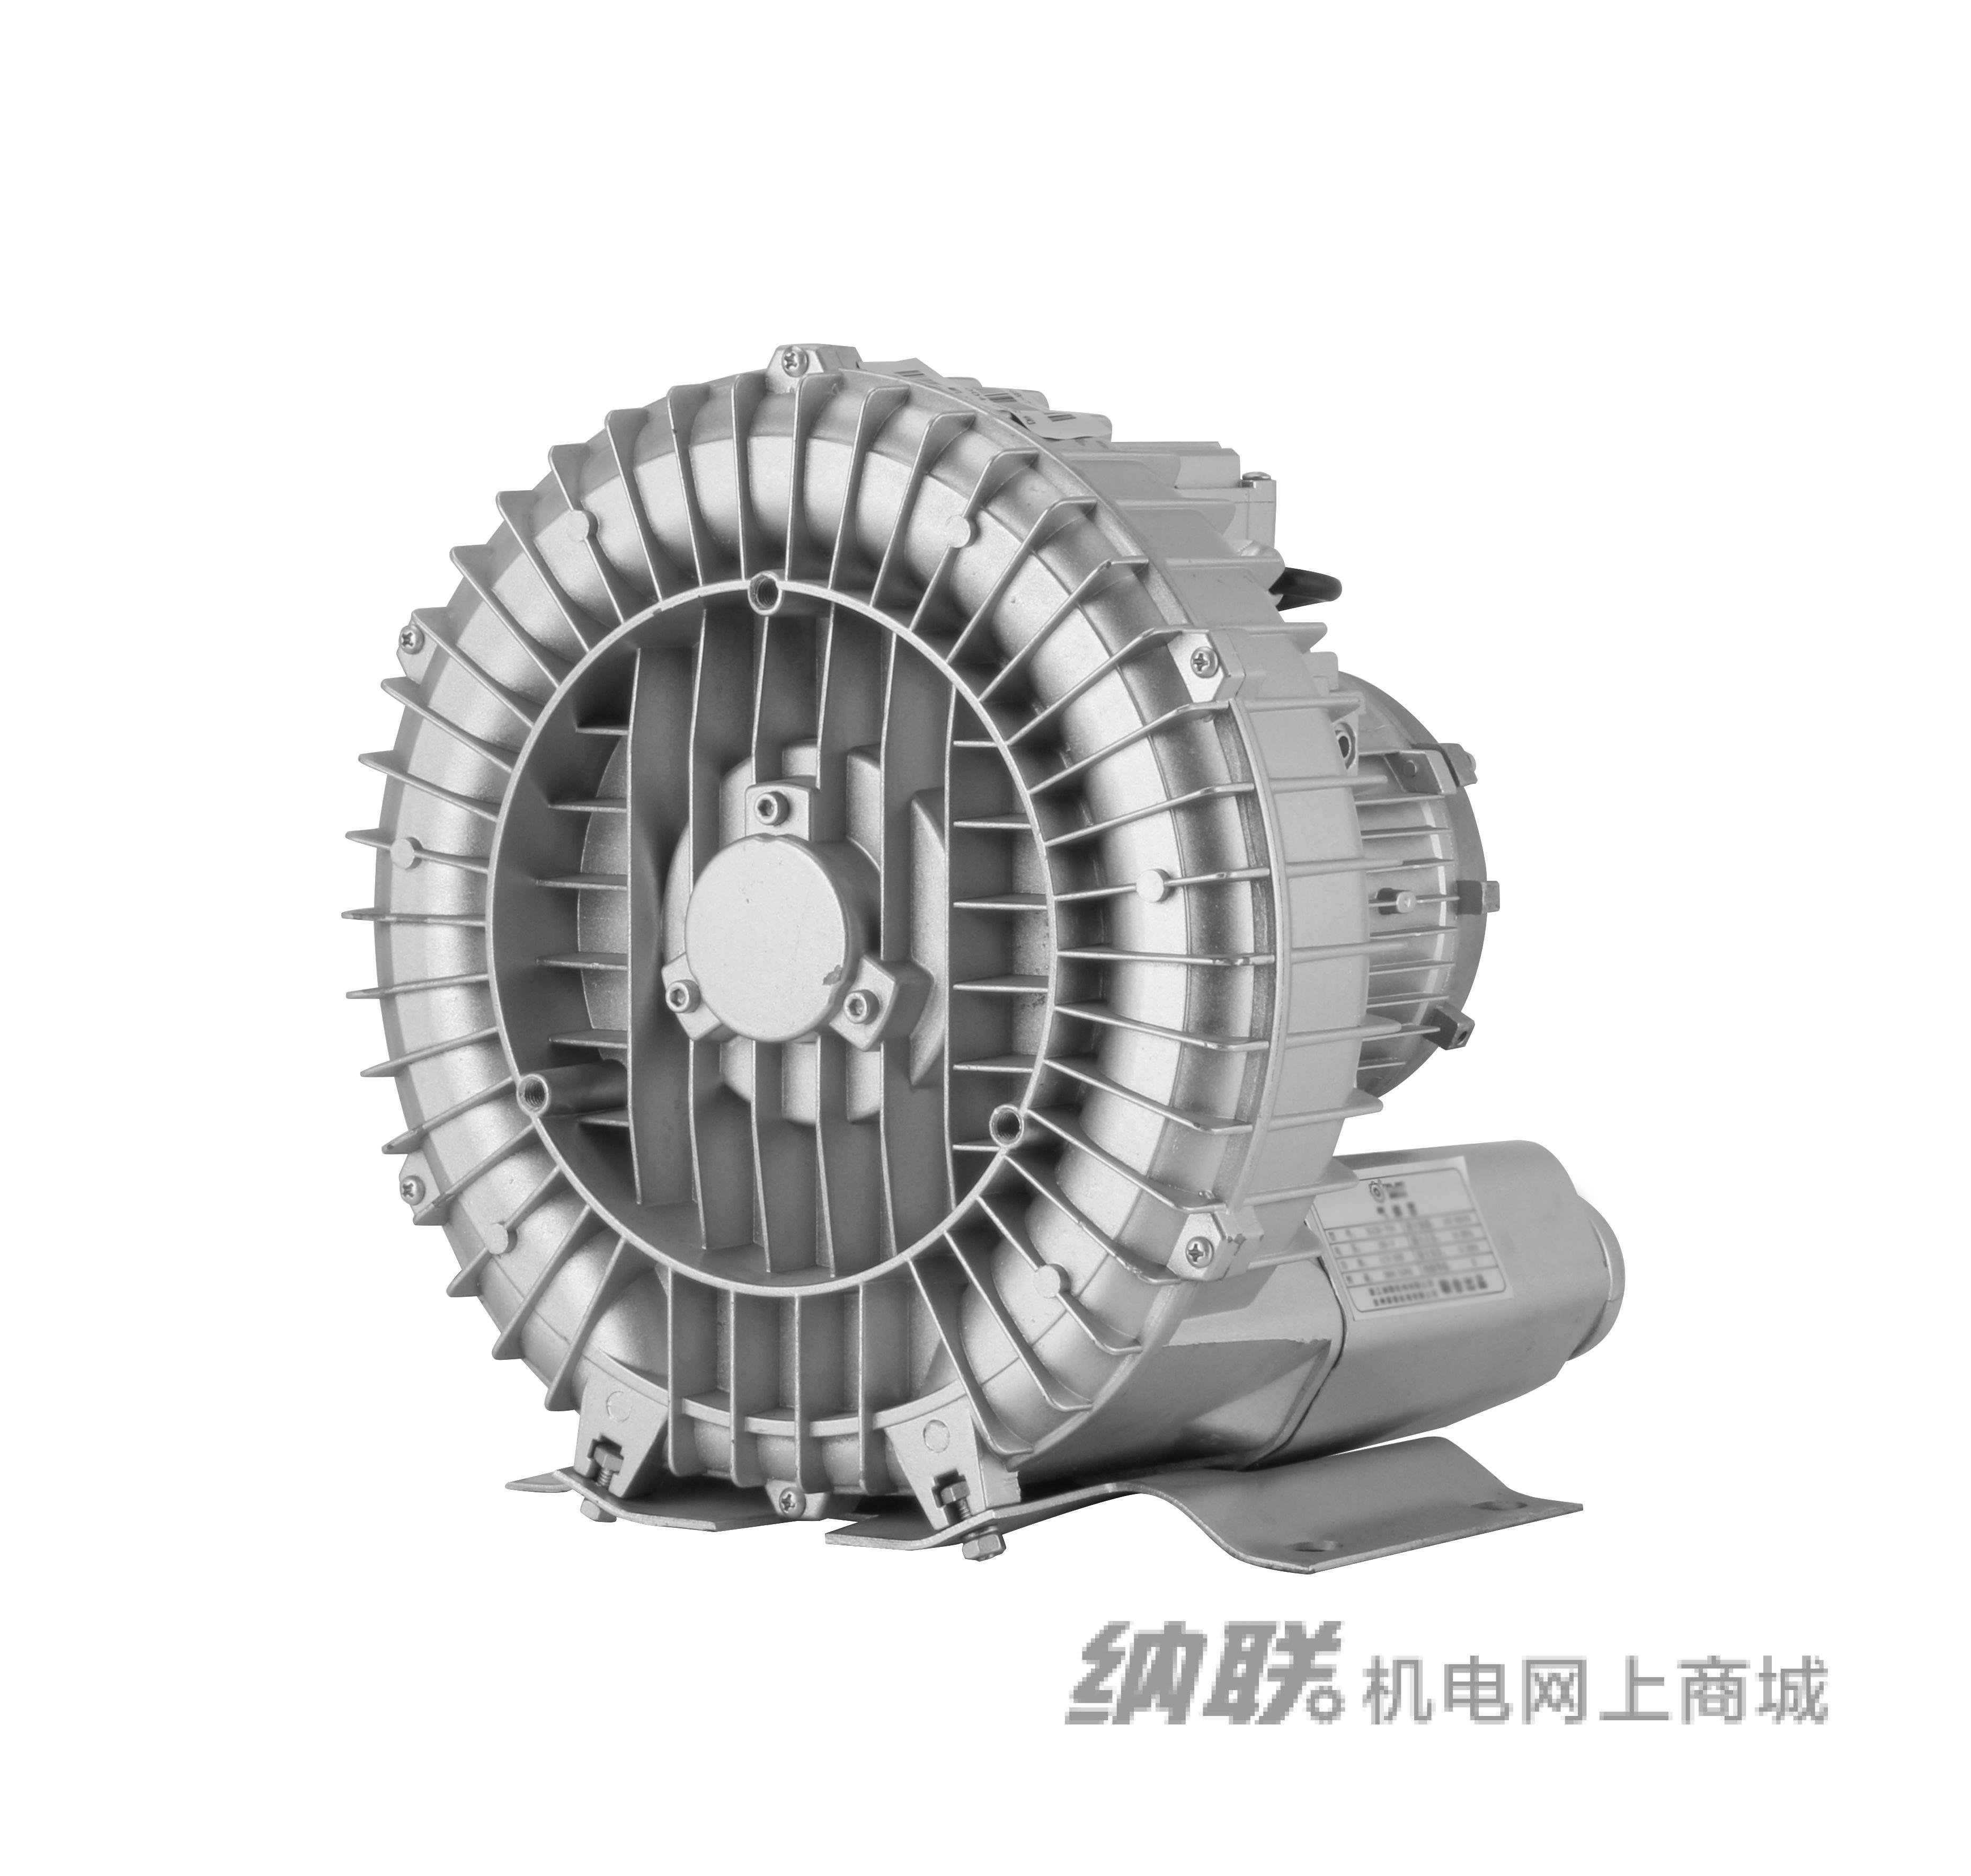 纳联机电 旋涡气泵-XGB-550三